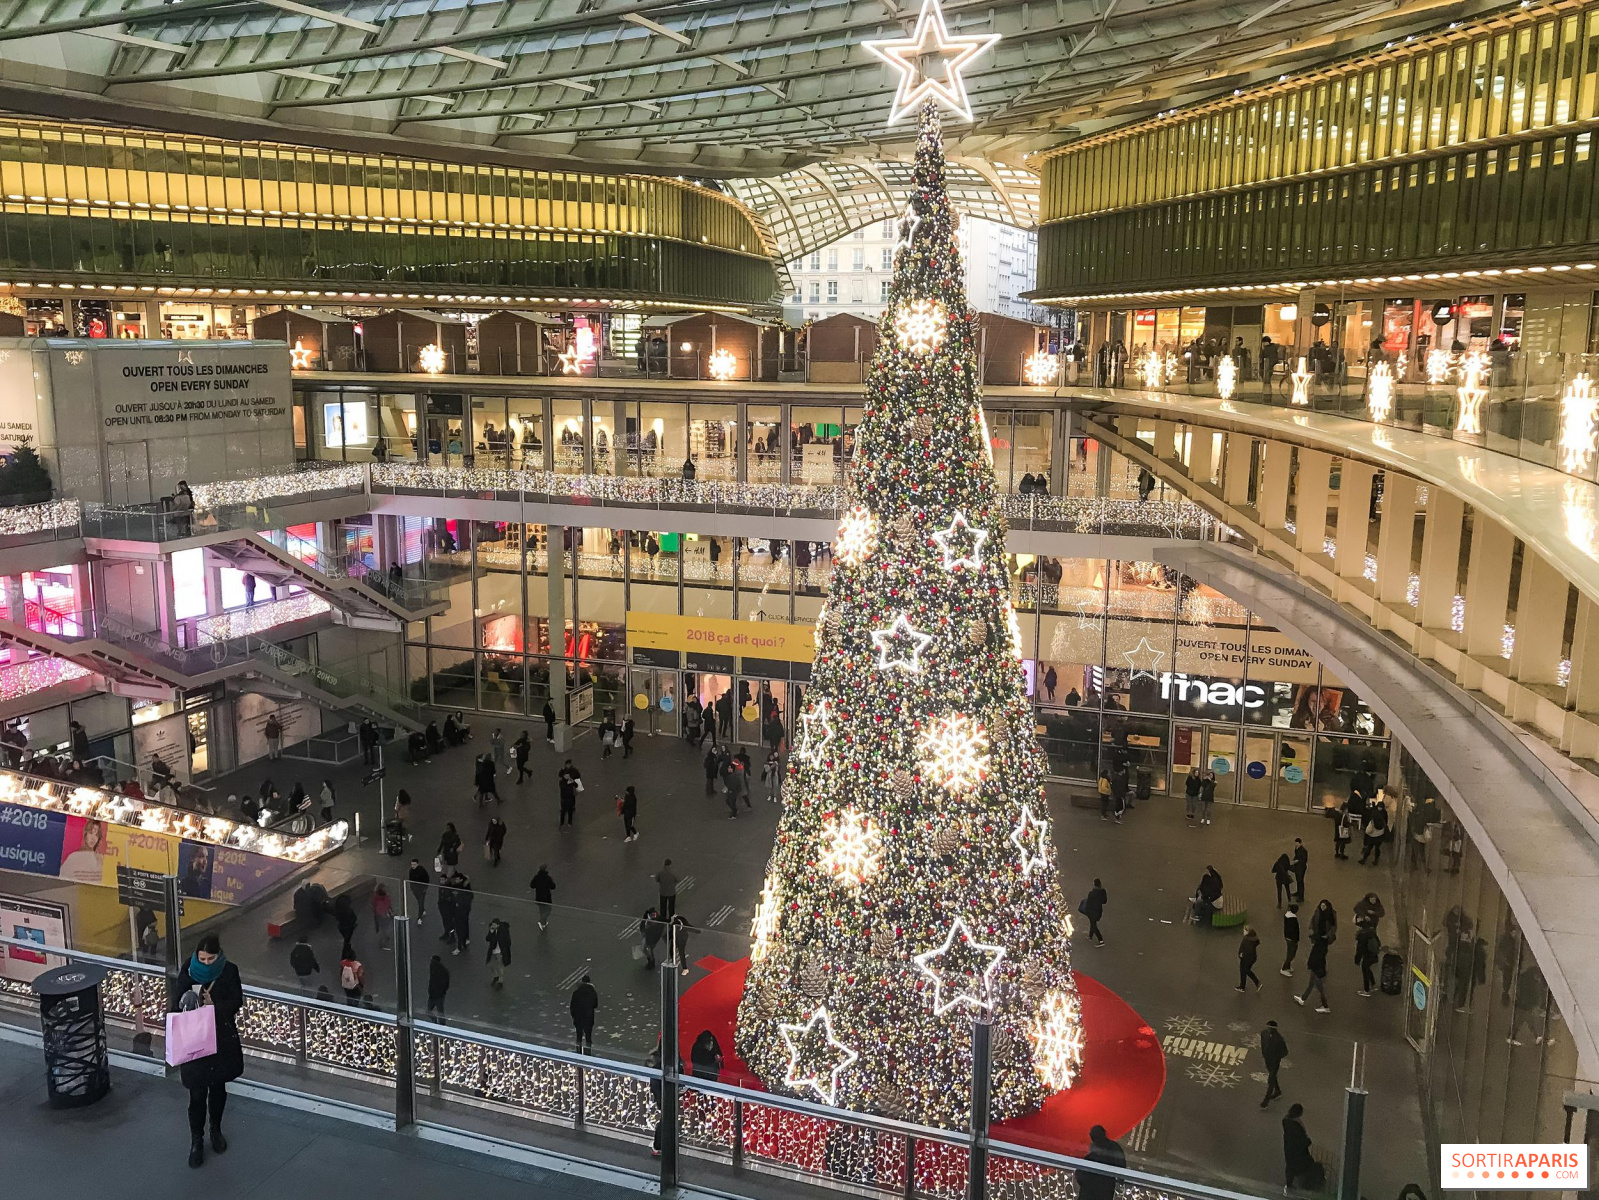 Paris Canopée des Halles Christmas Market 2019 ...